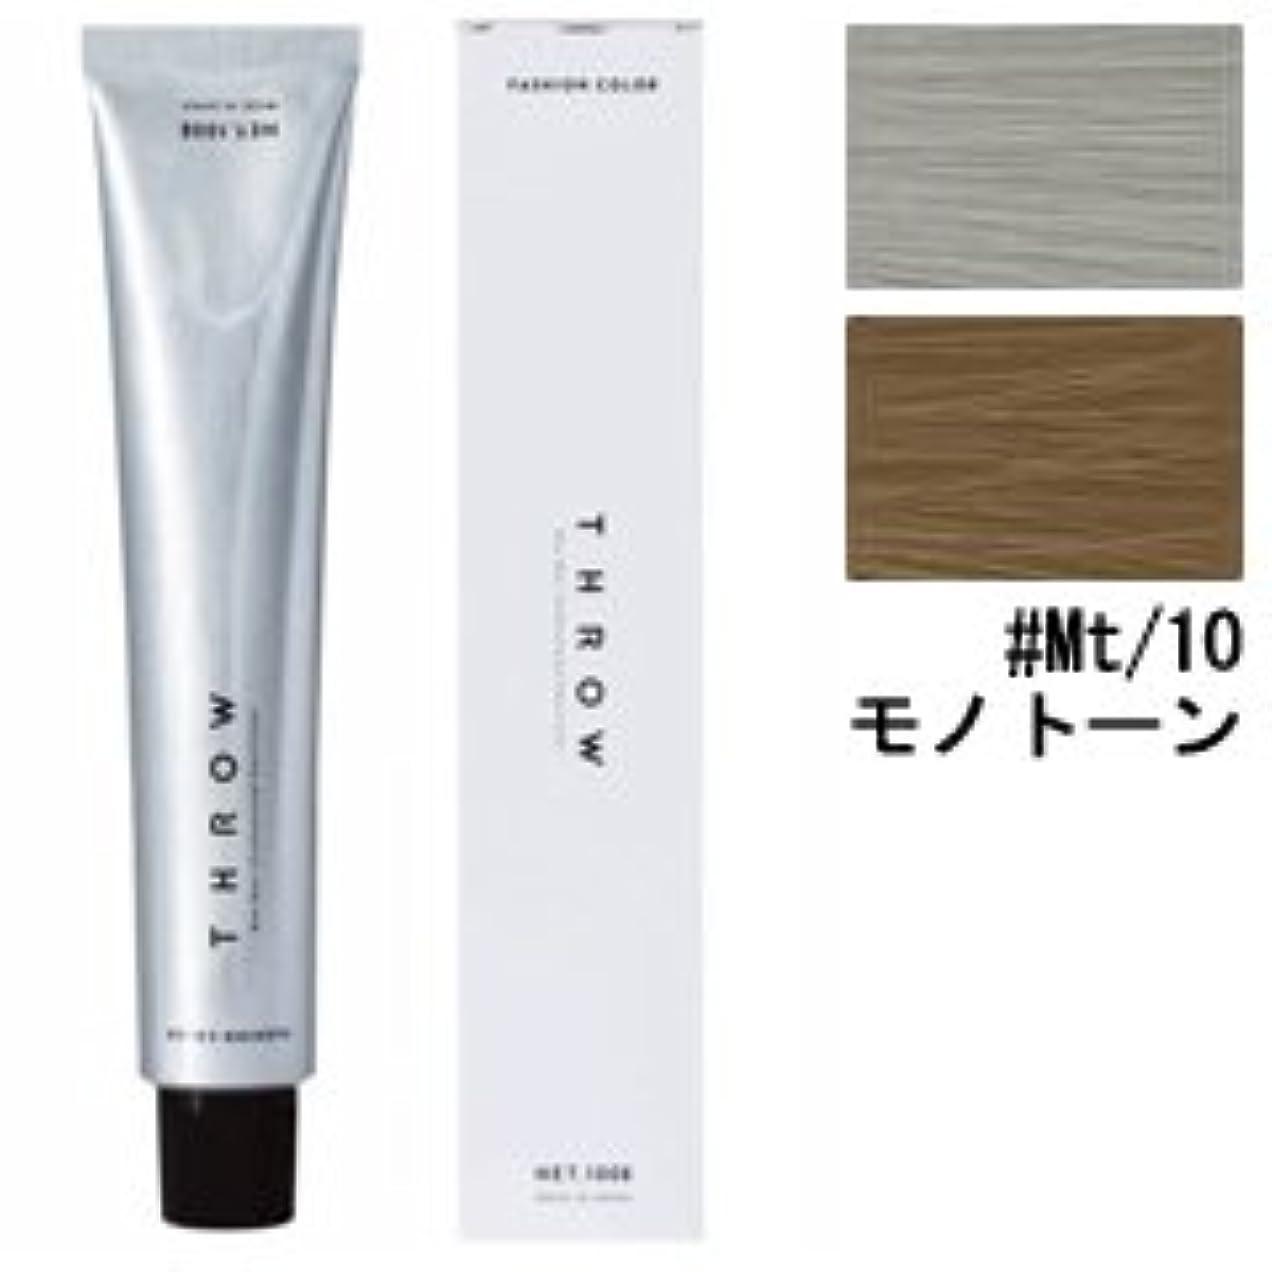 期待するペストブーム【モルトベーネ】スロウ ファッションカラー #Mt/10 モノトーン 100g